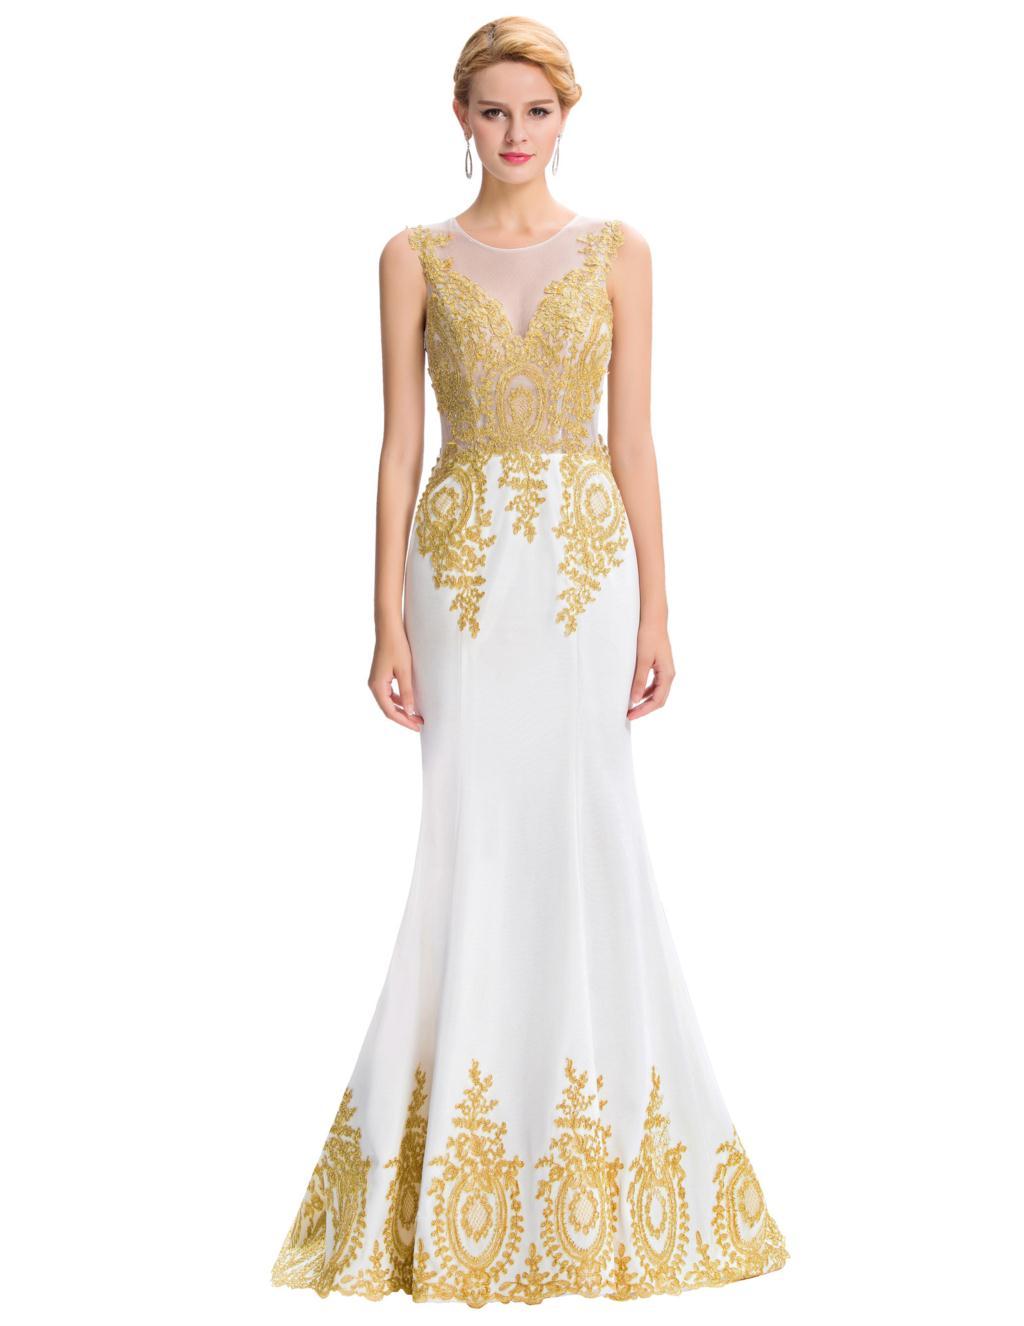 Long Mermaid Gold Appliques Evening Dress - Uniqistic.com